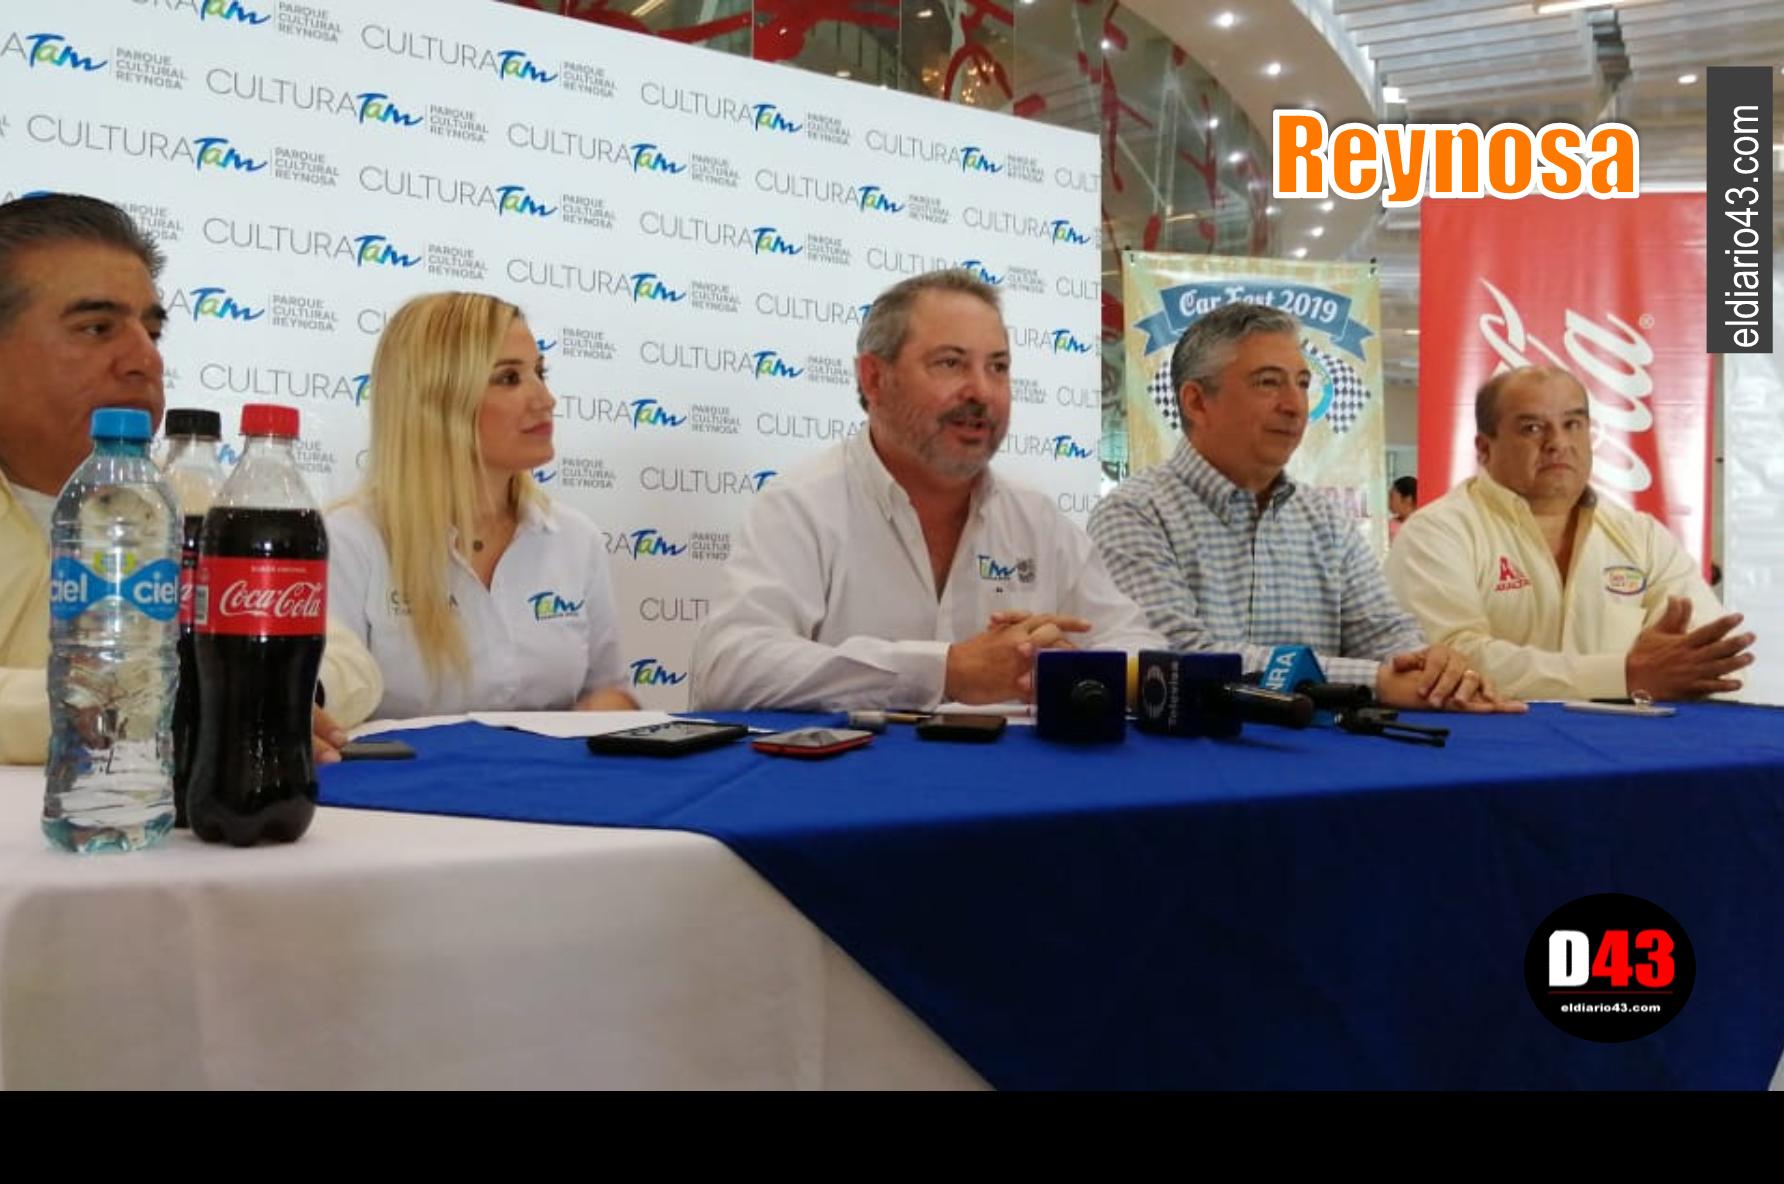 Llega a Reynosa Car Fest